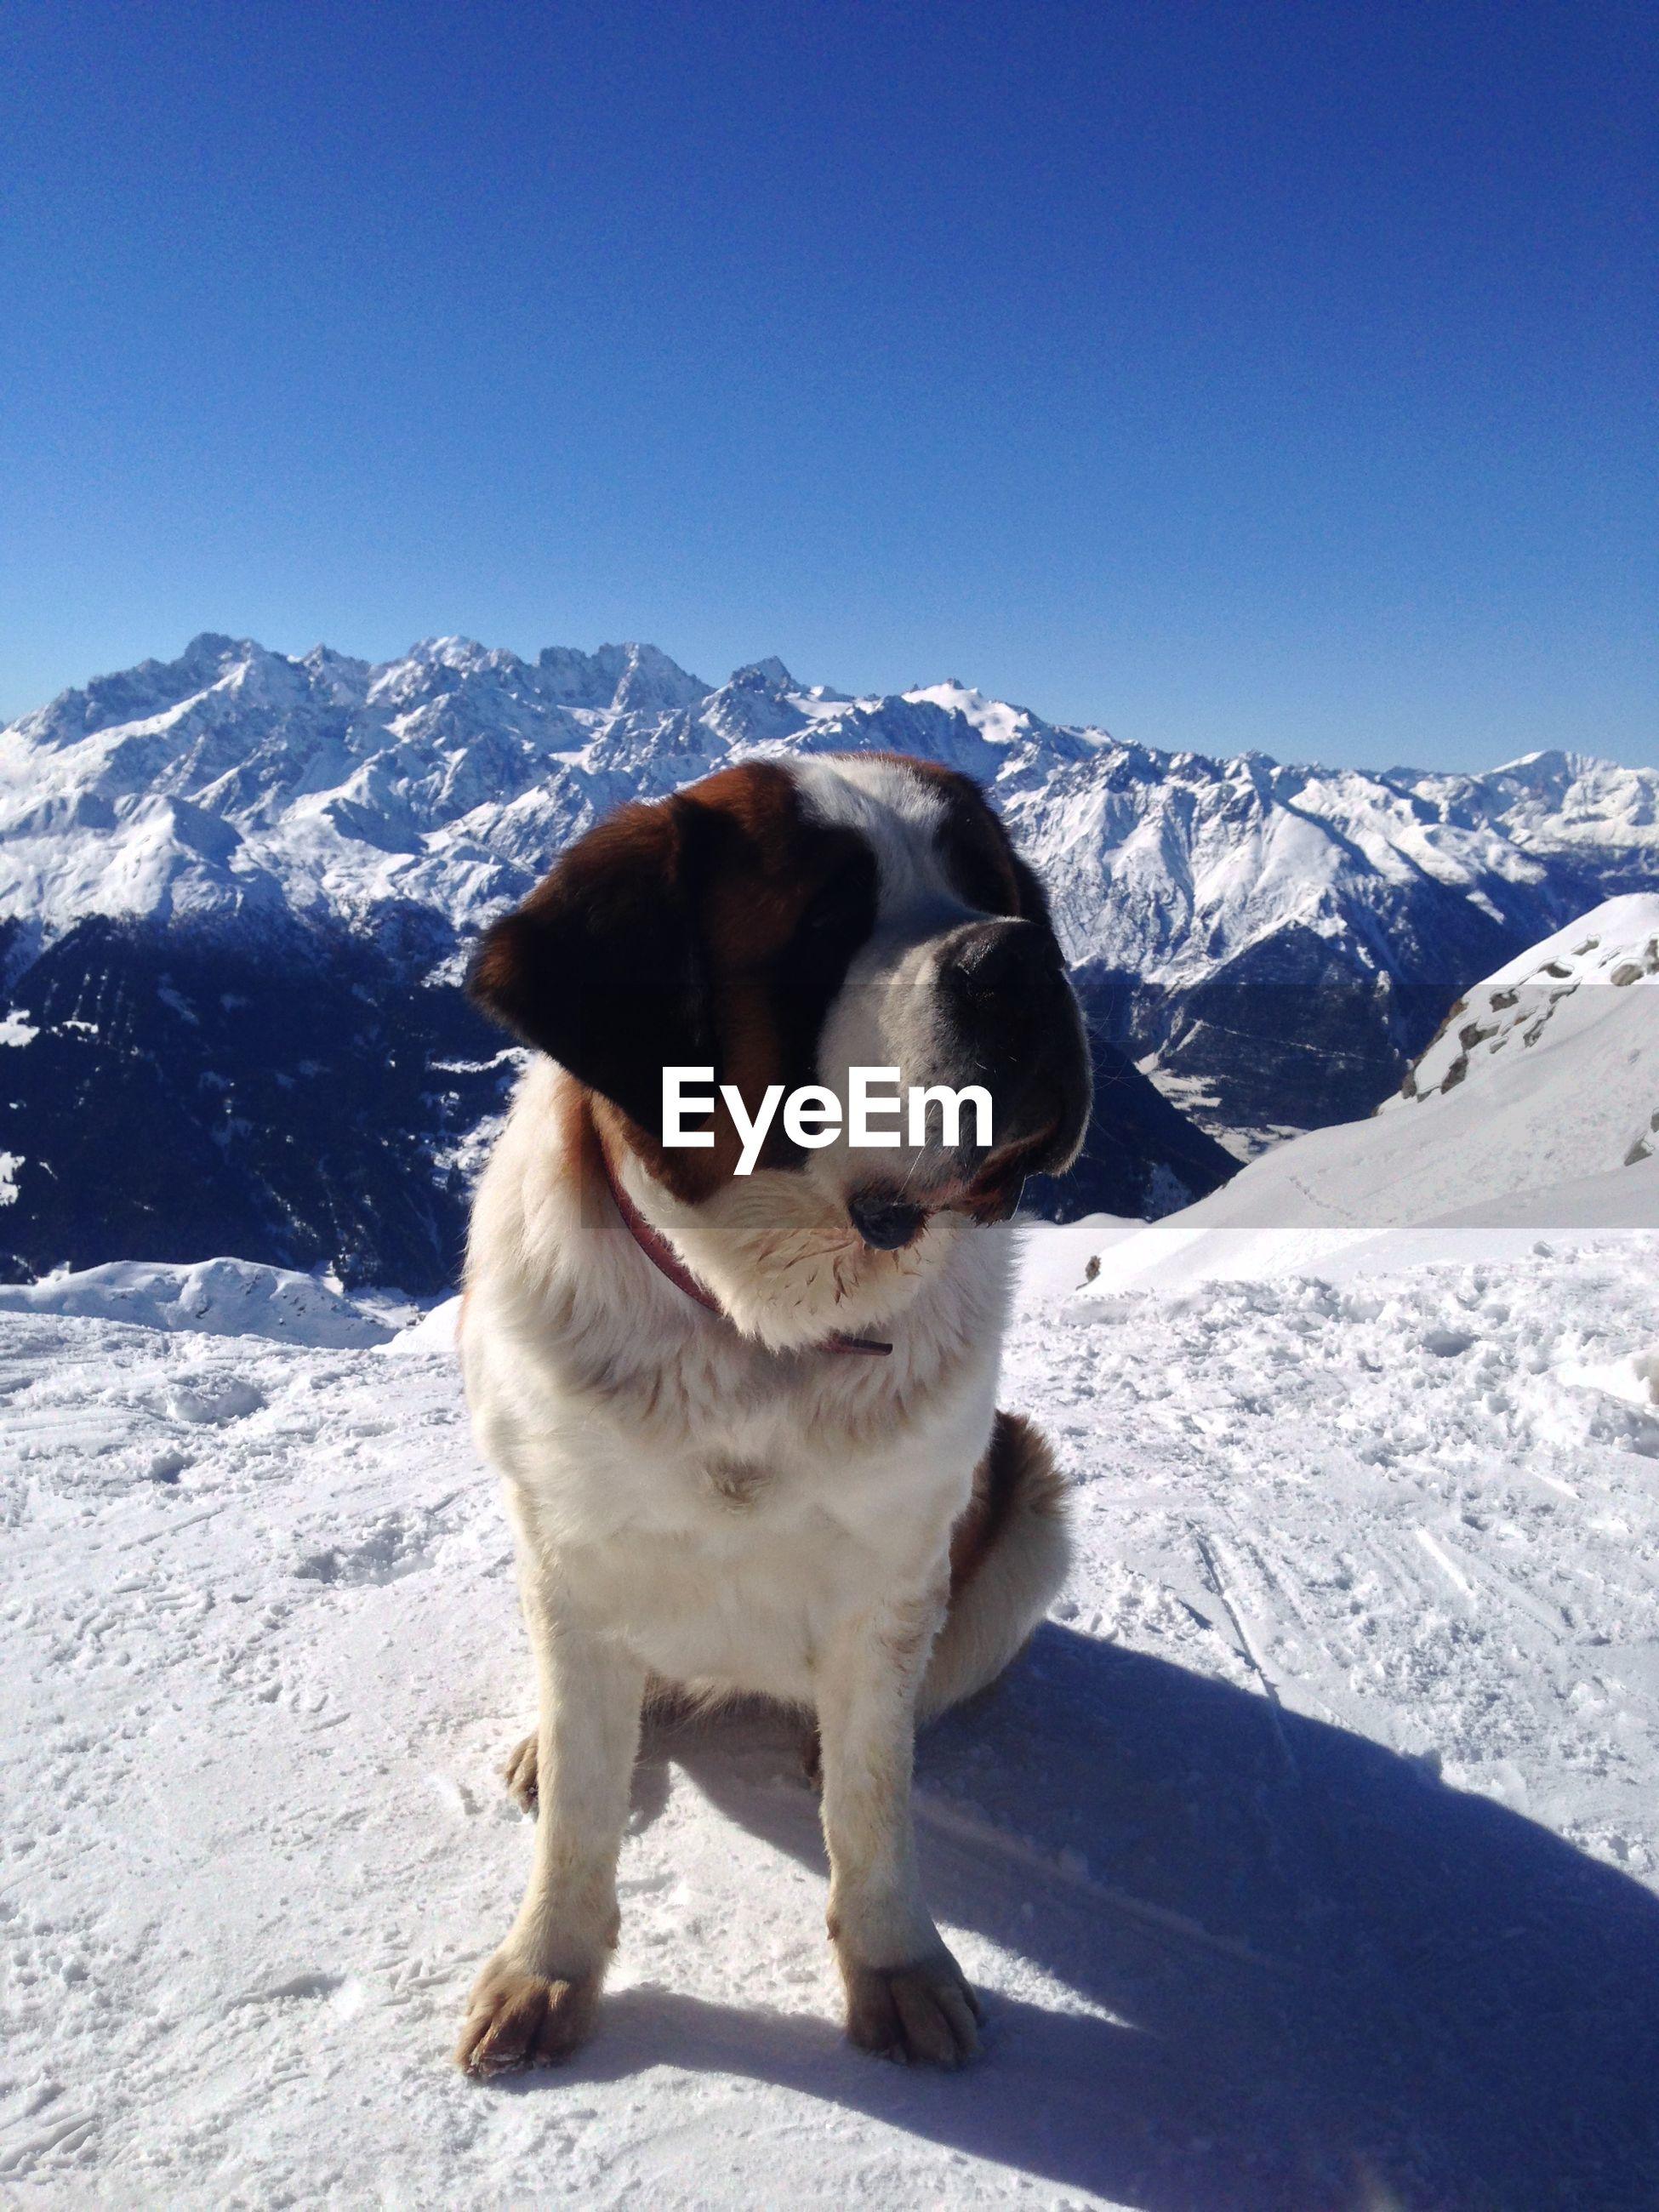 Saint bernard against snow covered mountains against clear blue sky